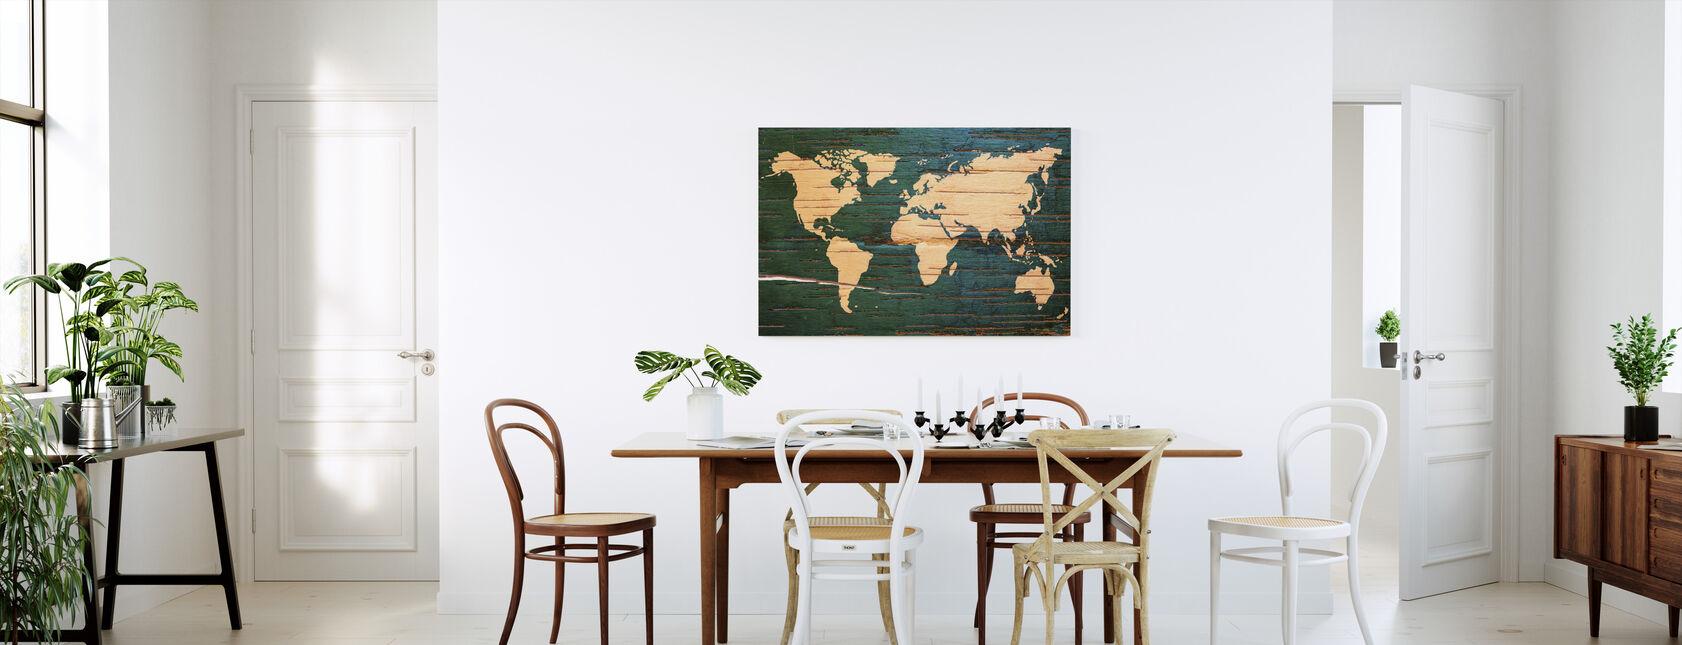 Carte du monde sur le mur en bois - Impression sur toile - Cuisine